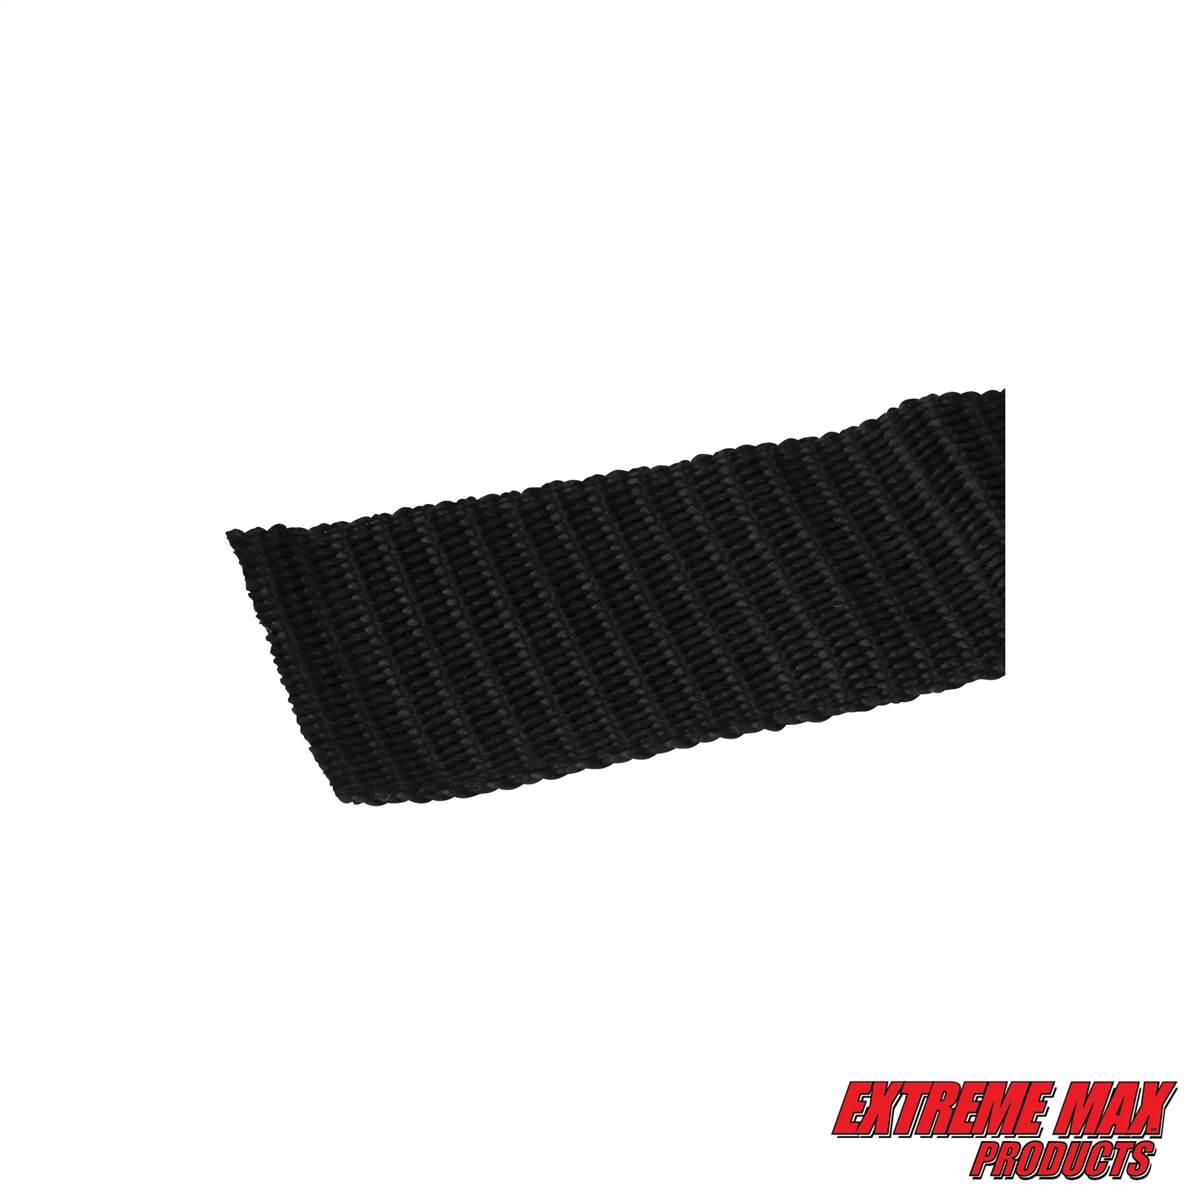 Pair Extreme Max 3005.1189 2 x 2 Transom Tie-Down Black Web